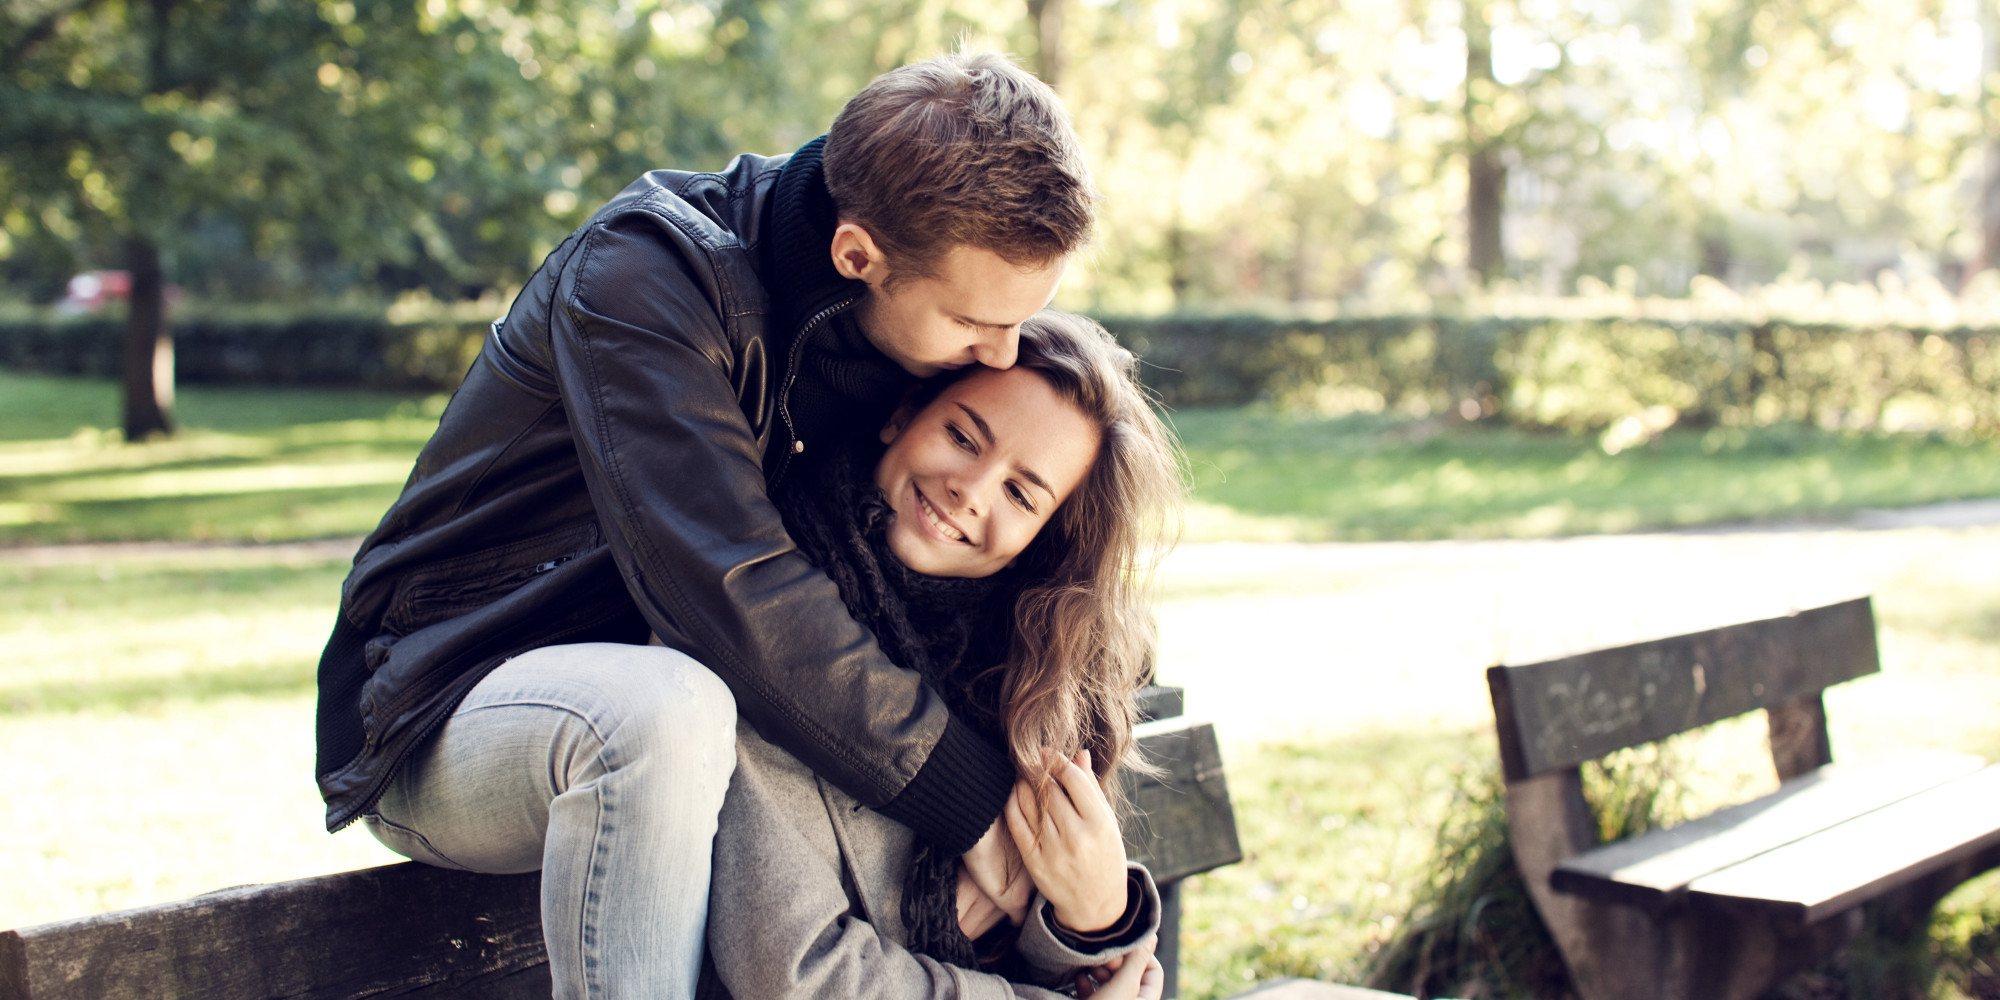 Se vocês passam muito tempo juntos e fazem planos, virou namoro